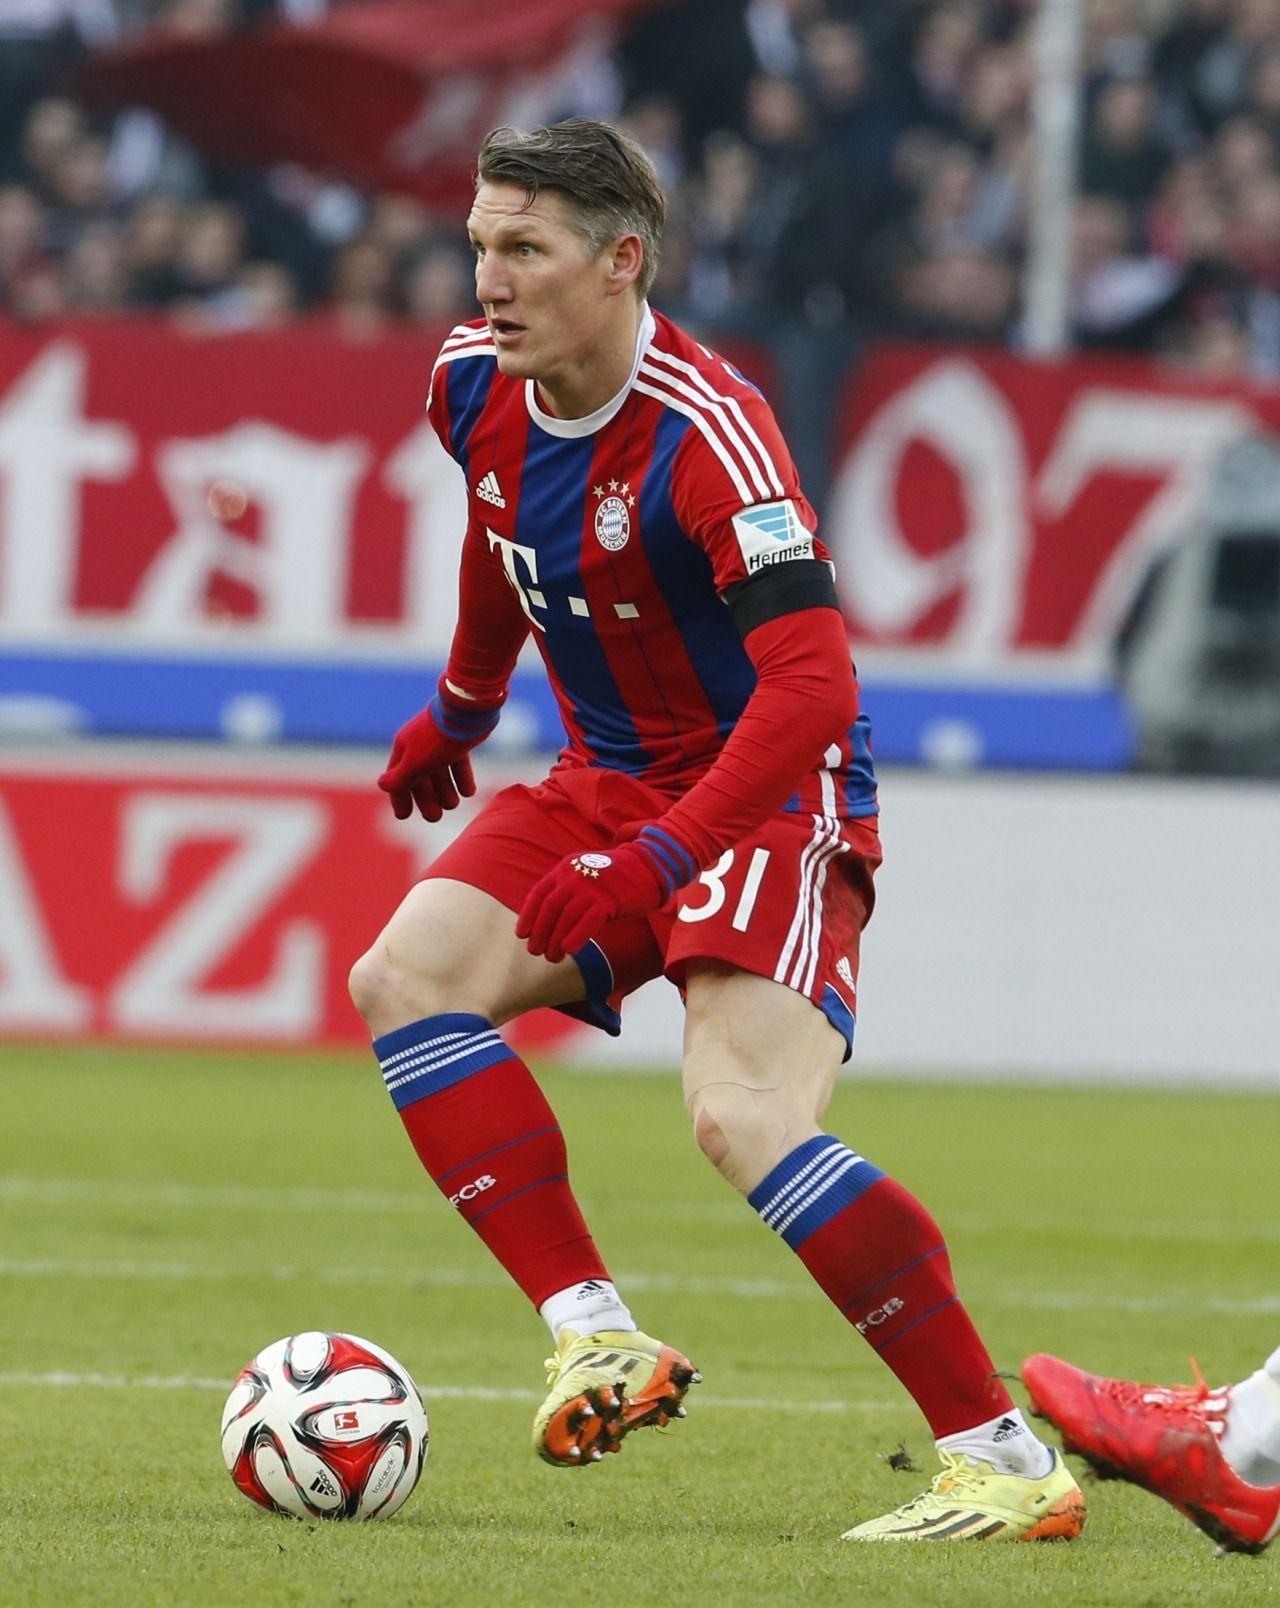 Bastian Schweinsteiger | Tumblr | Schweinsteiger, Bastian schweinsteiger, Sports celebrities